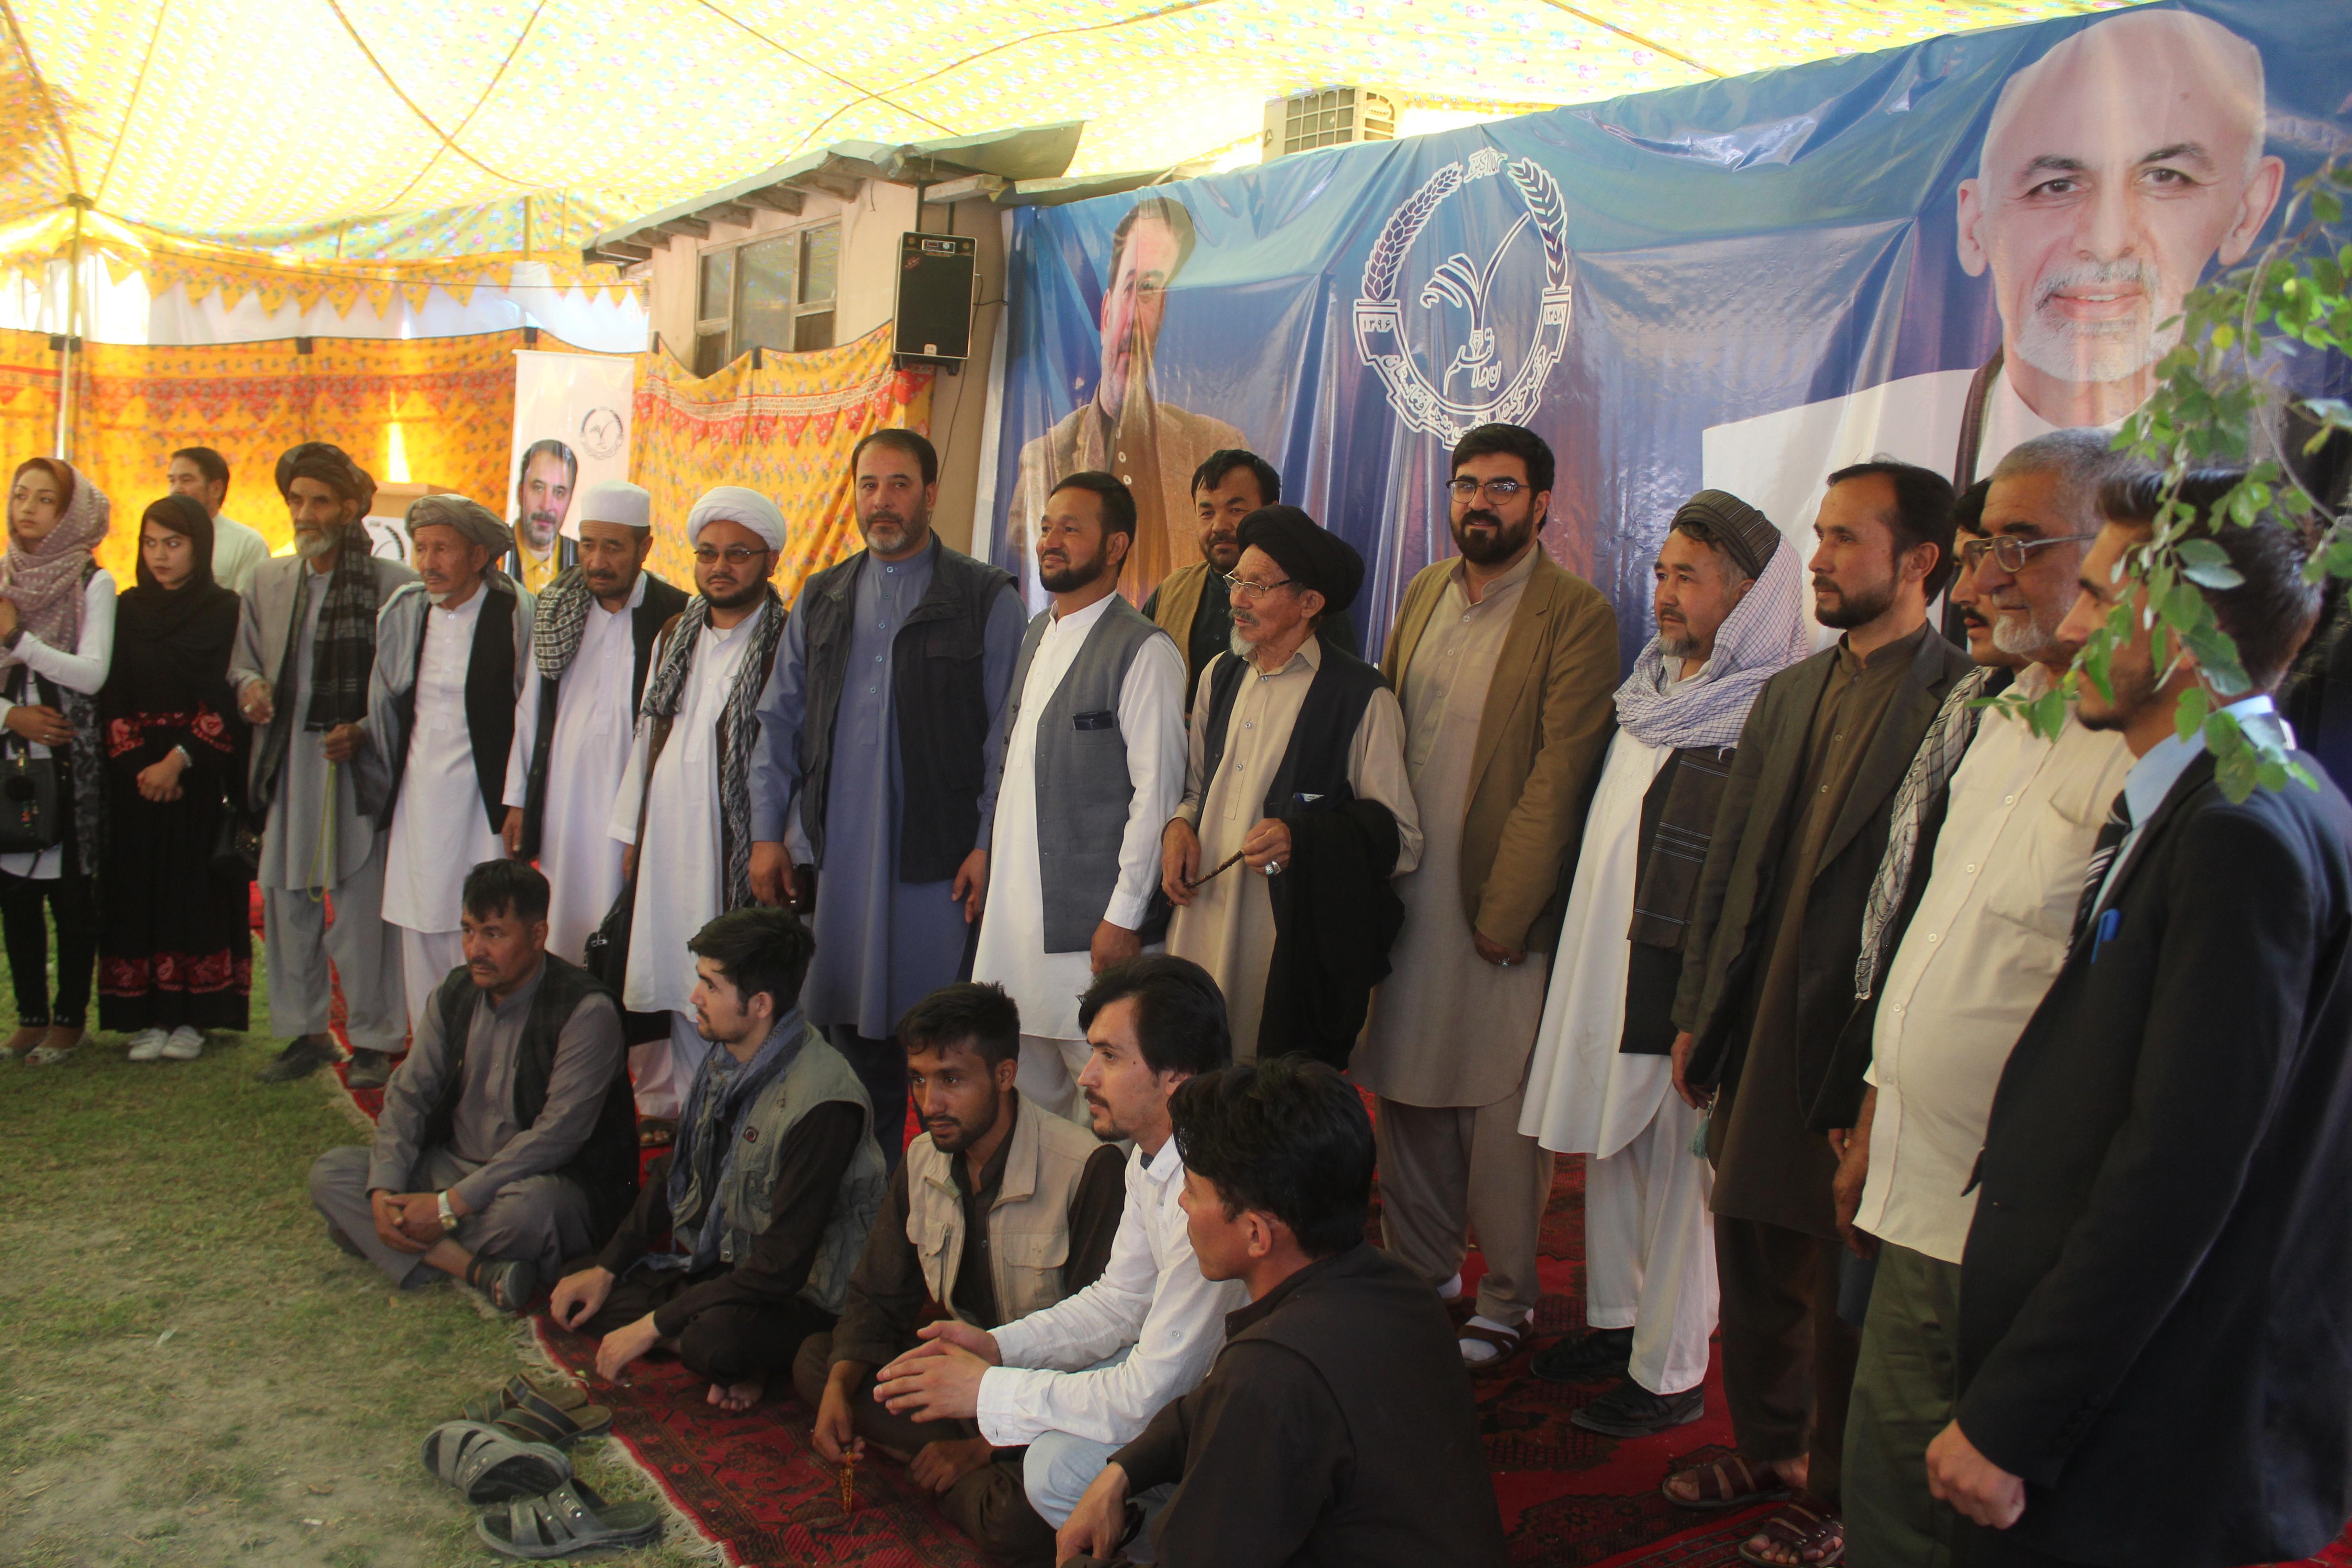 تصویر از حمایت جمع کثیر مردم دشت برچی از حزب حرکت اسلامی متحد افغانستان در انتخابات پیش رو